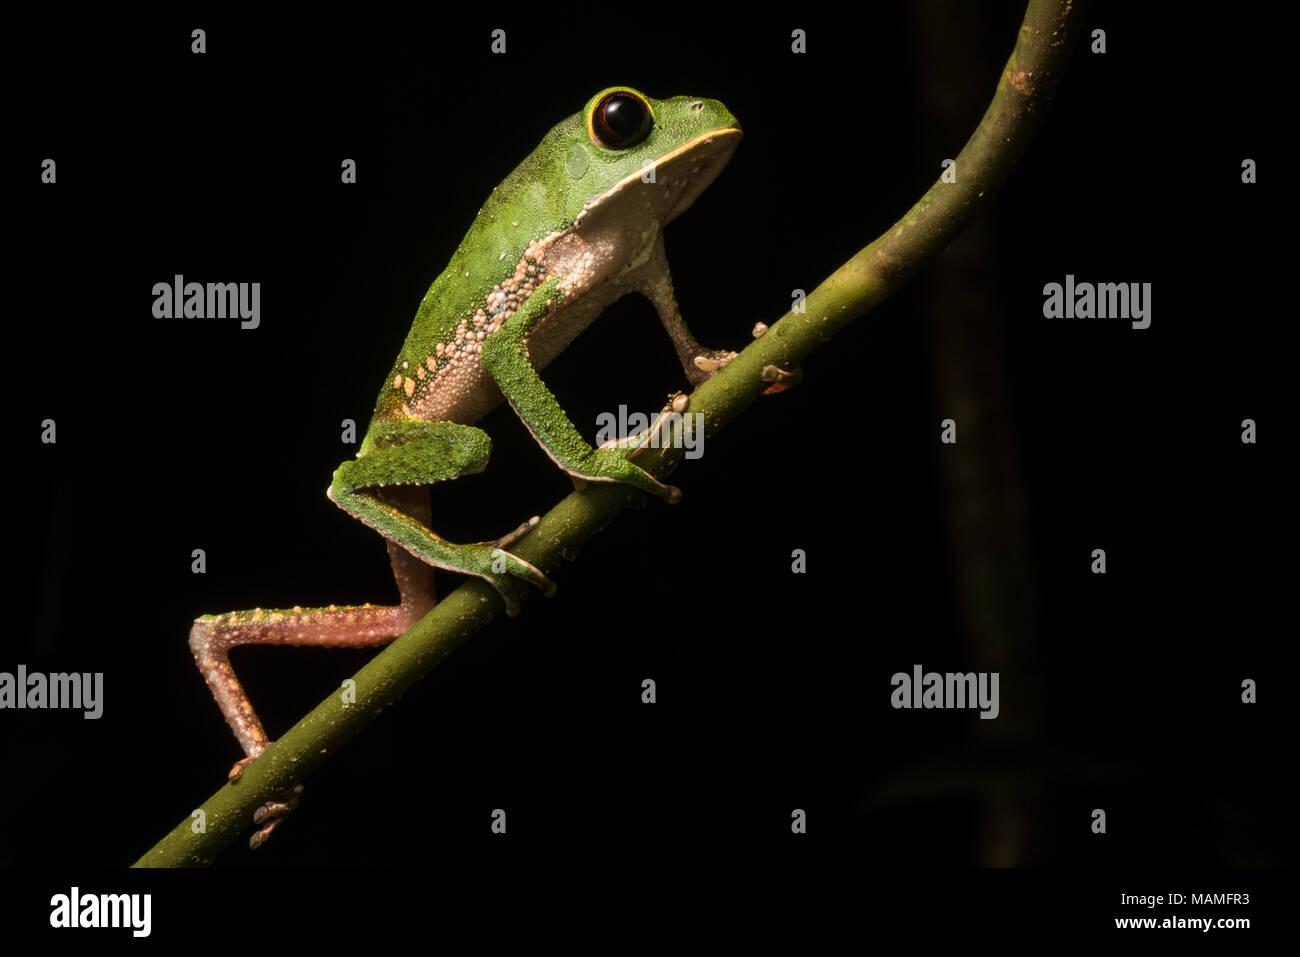 Phyllomedusa camba o potenzialmente P. chaparroi strettamente legata a specie criptico. Queste rane a piedi come le scimmie che è il modo in cui ottenere il loro nome. Immagini Stock